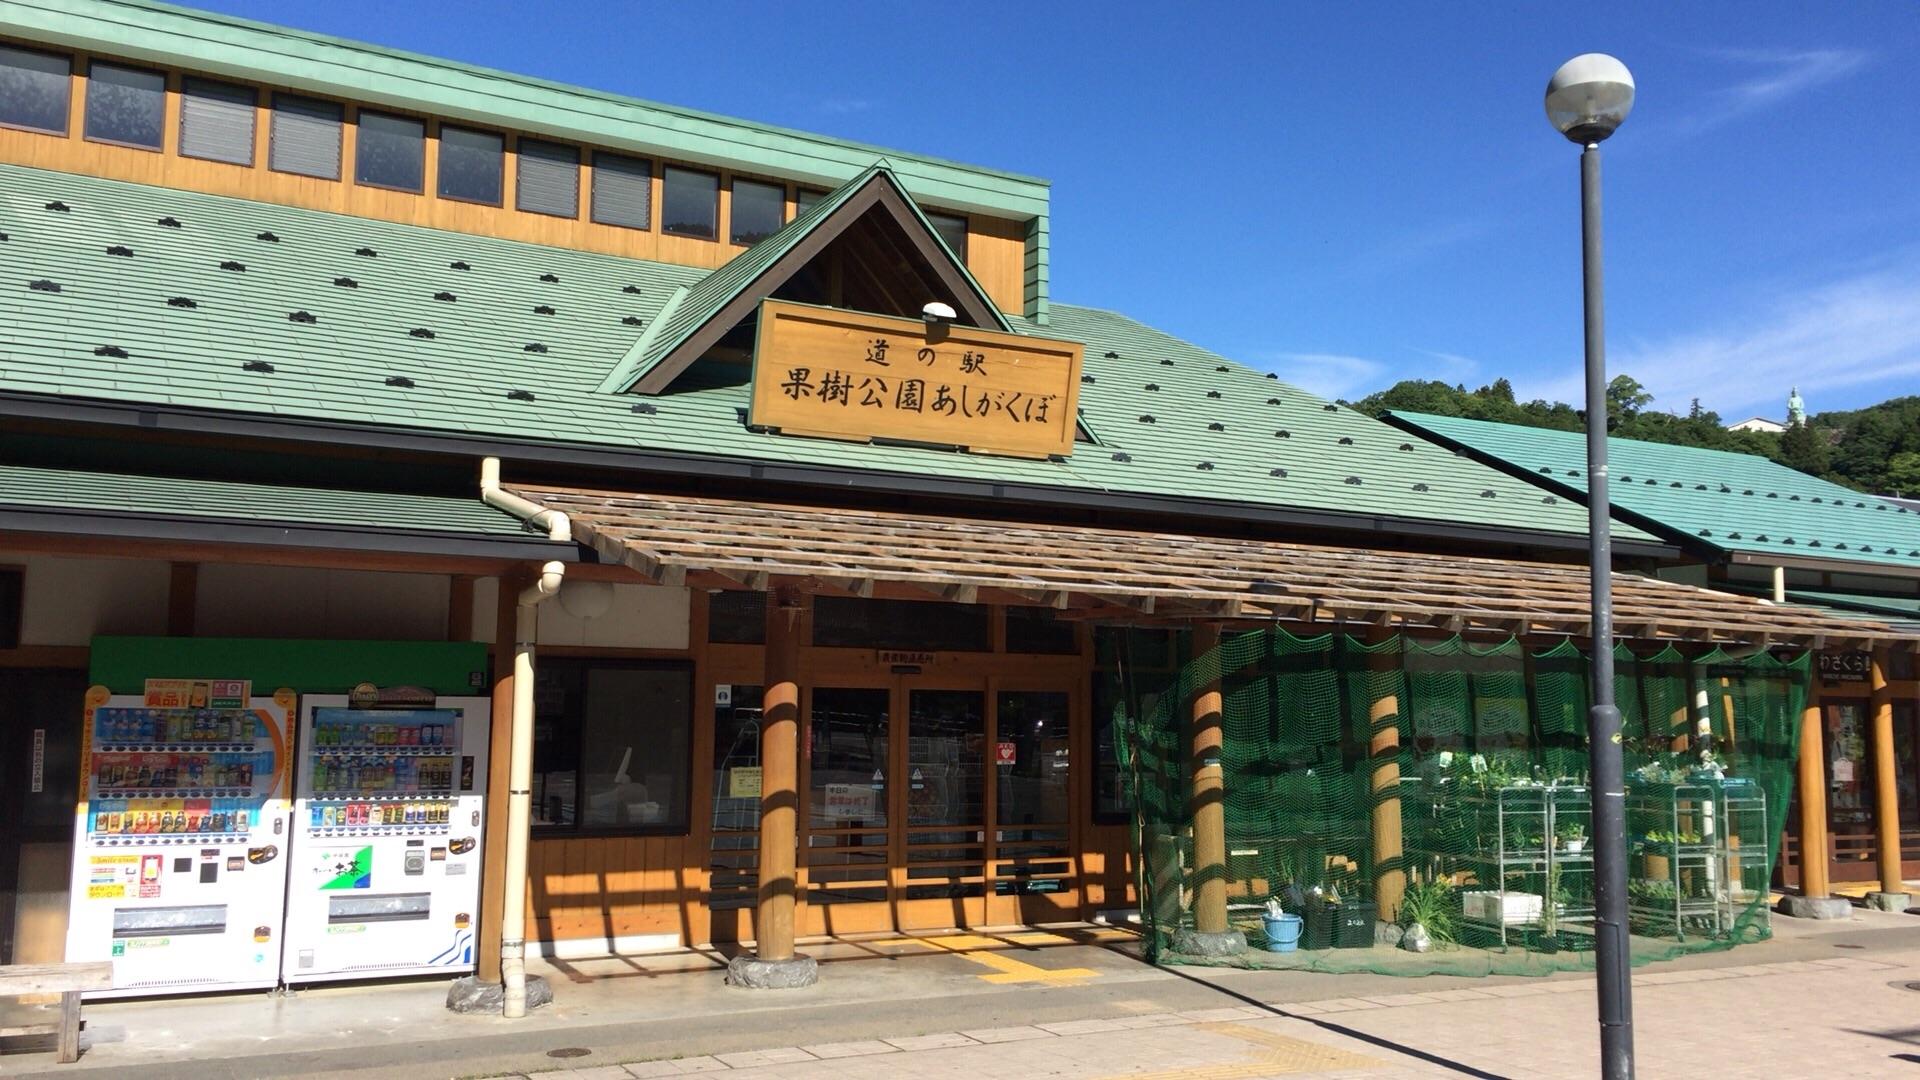 f:id:mfj_maap_jp:20170618185423j:image